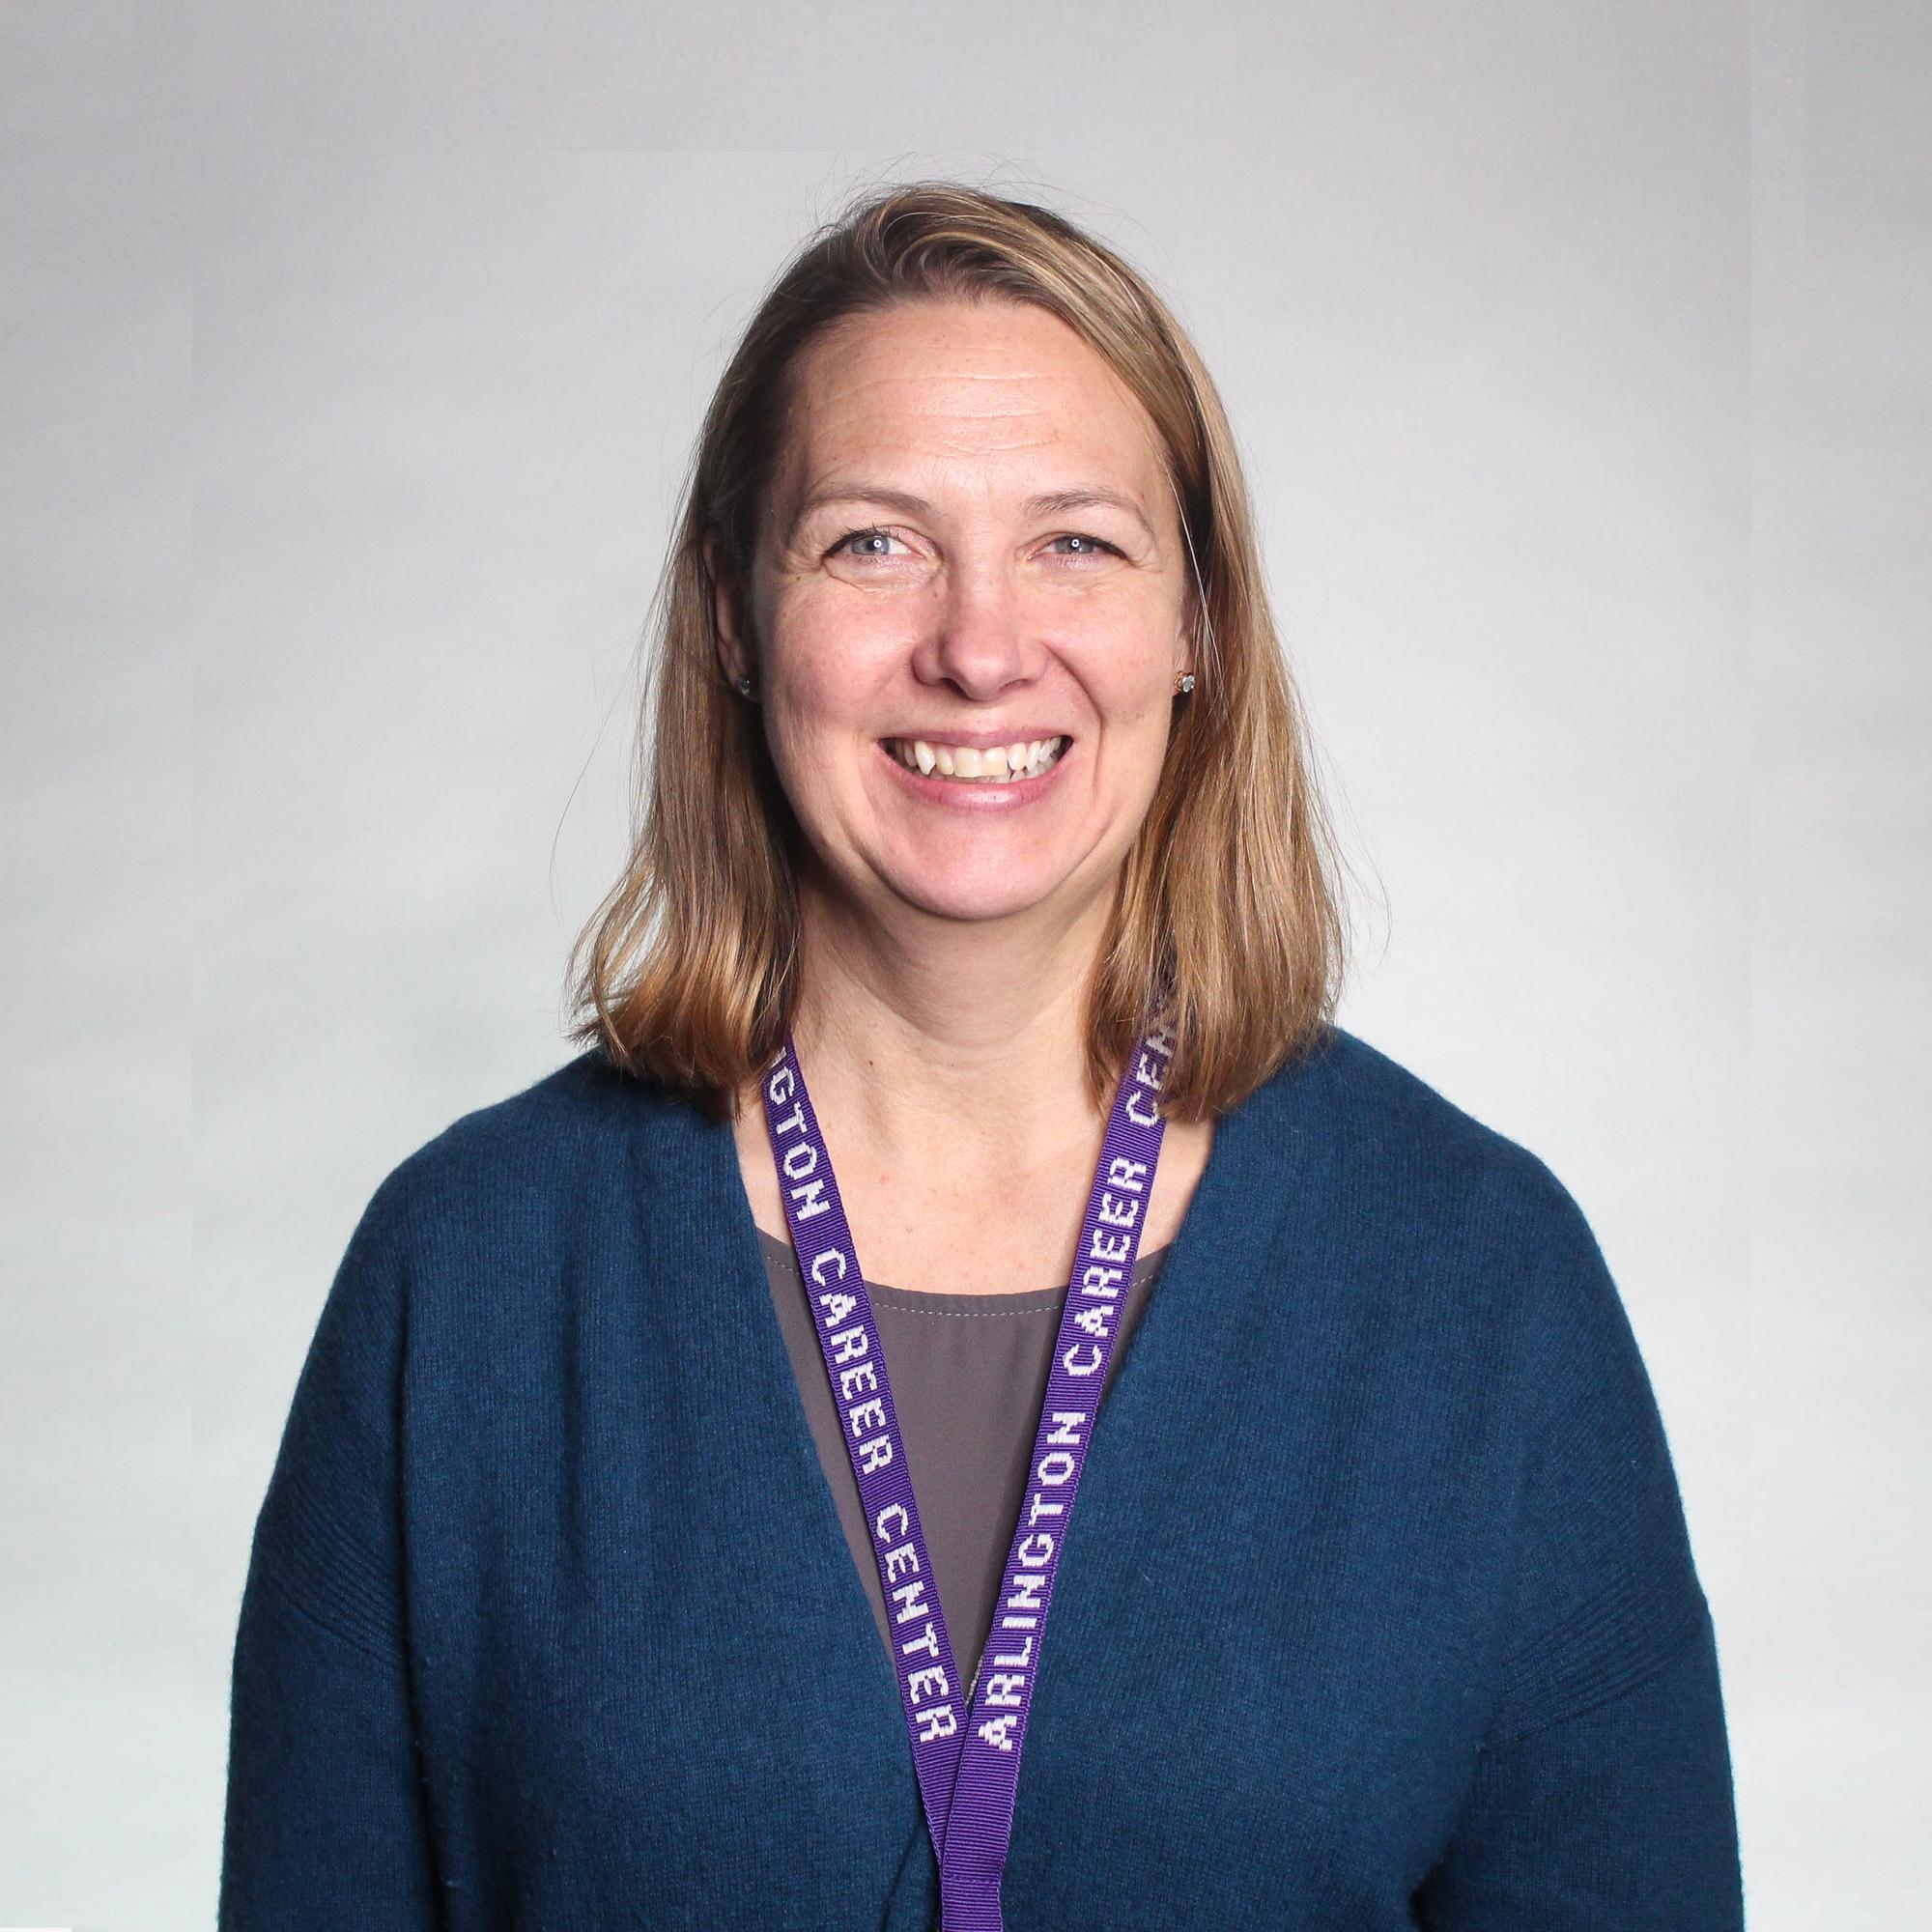 Dr. Michelle Van Lare